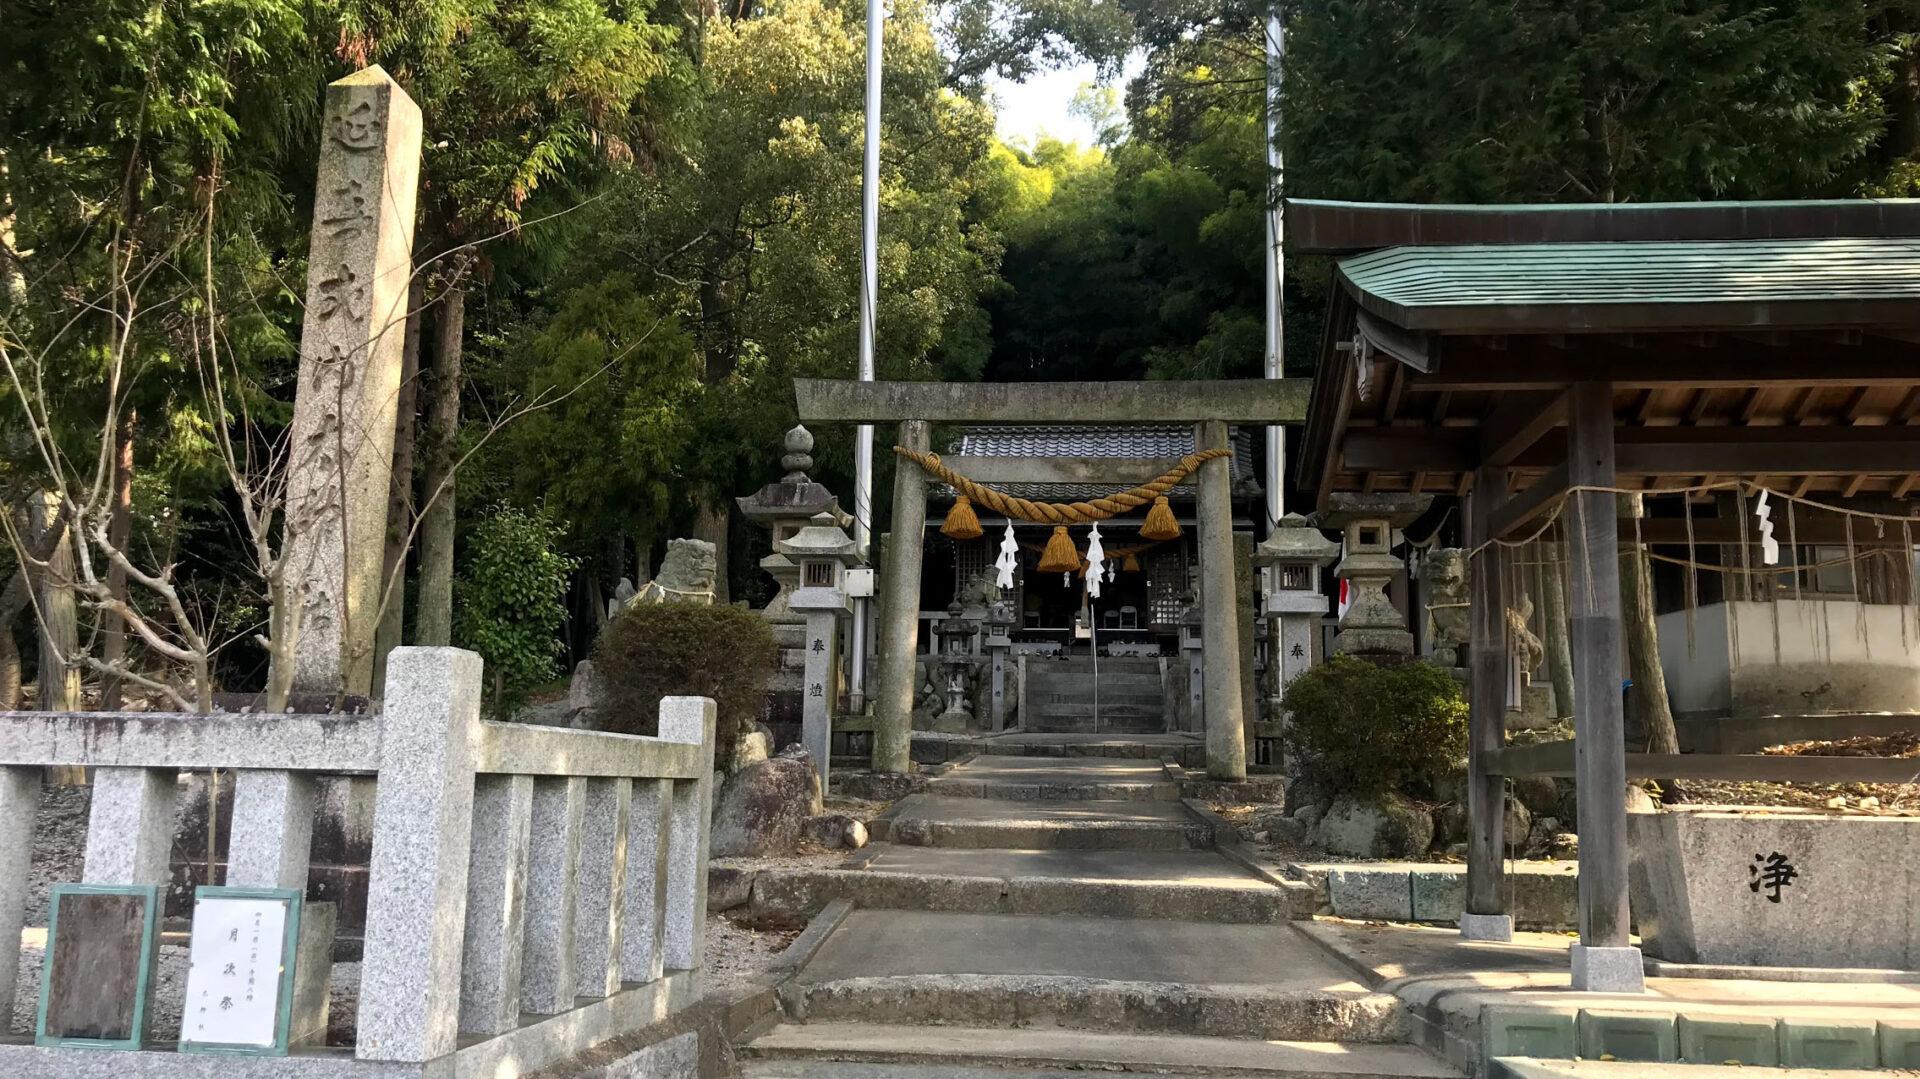 三重県内の由緒ある延喜式内社・一筆書きラン企画をはじめよう